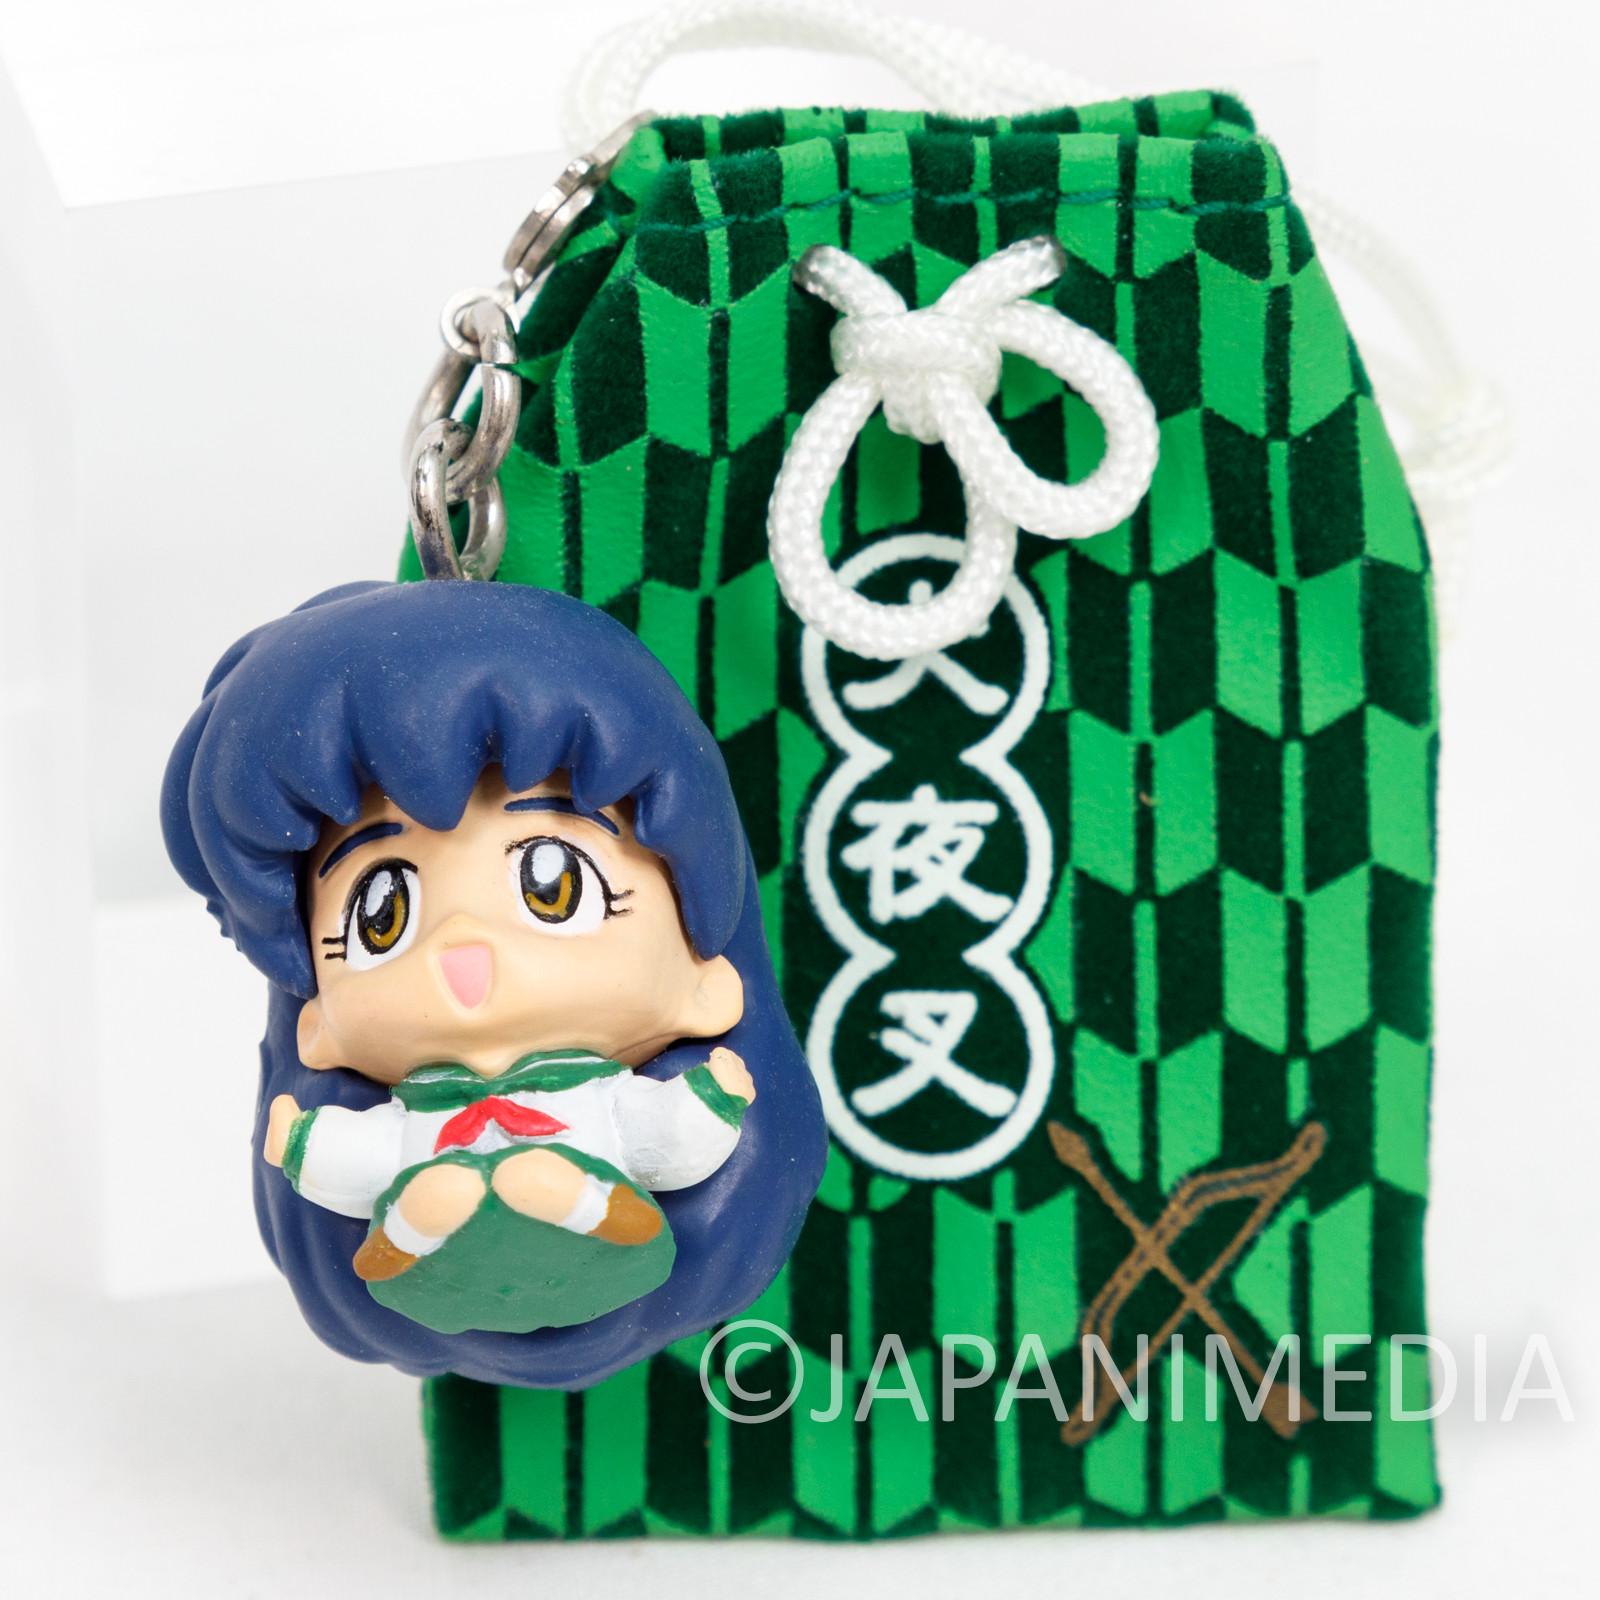 InuYasha Kagome Mini Figure & Talisman Omamori JAPAN ANIME RUMIKO TAKAHASHI